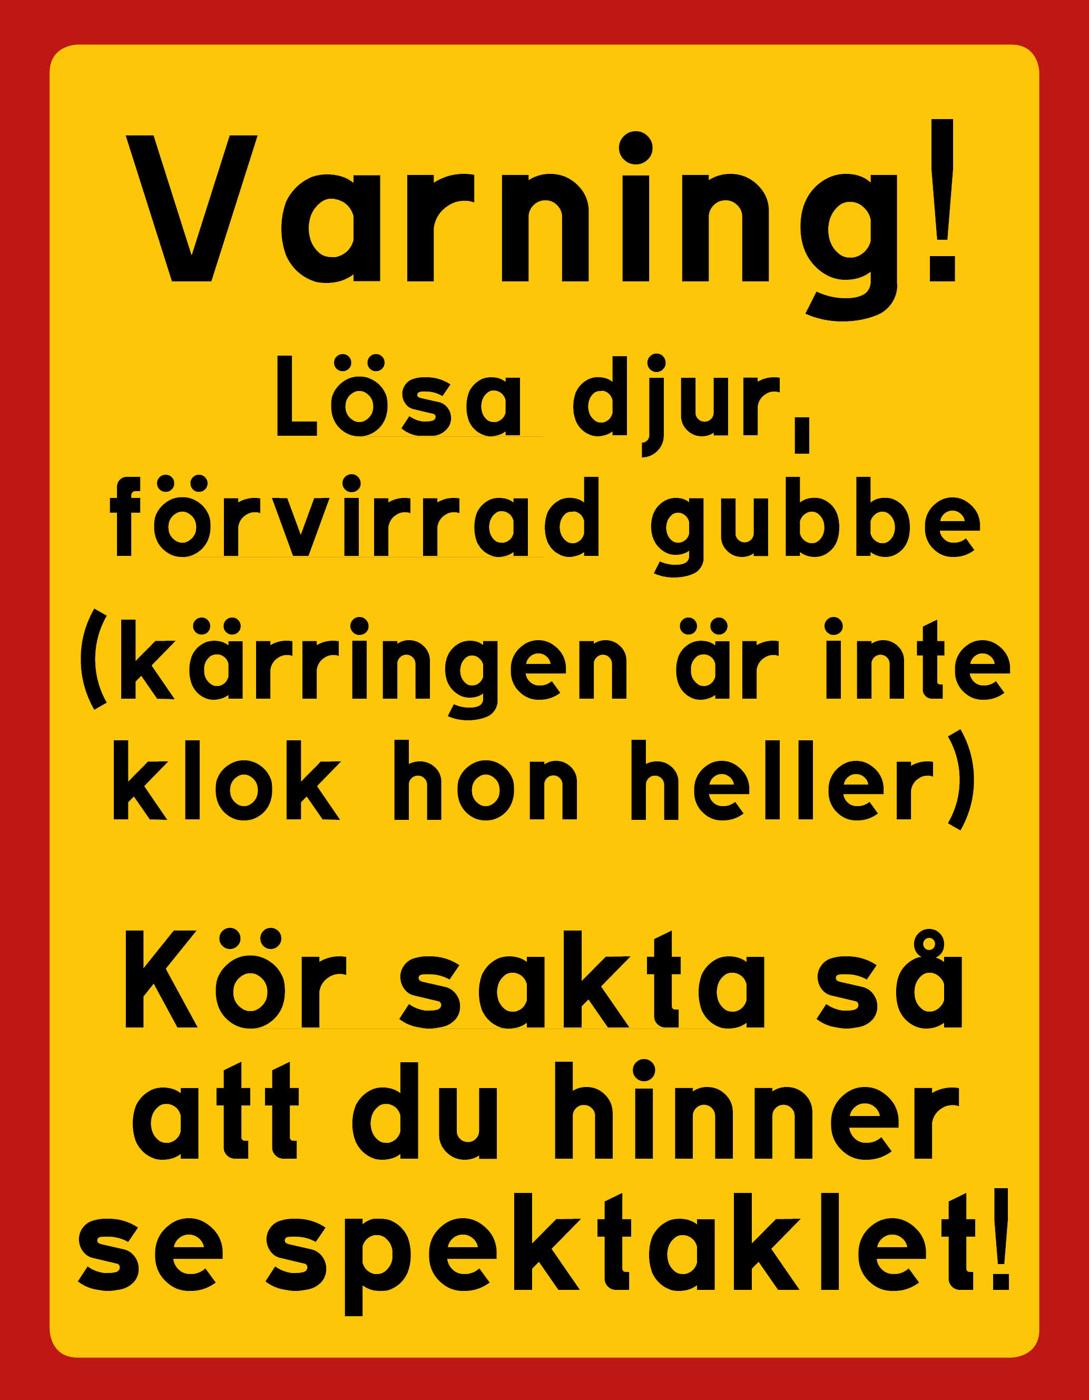 varning! kör sakta så att du hinner se spektaklet | happy print